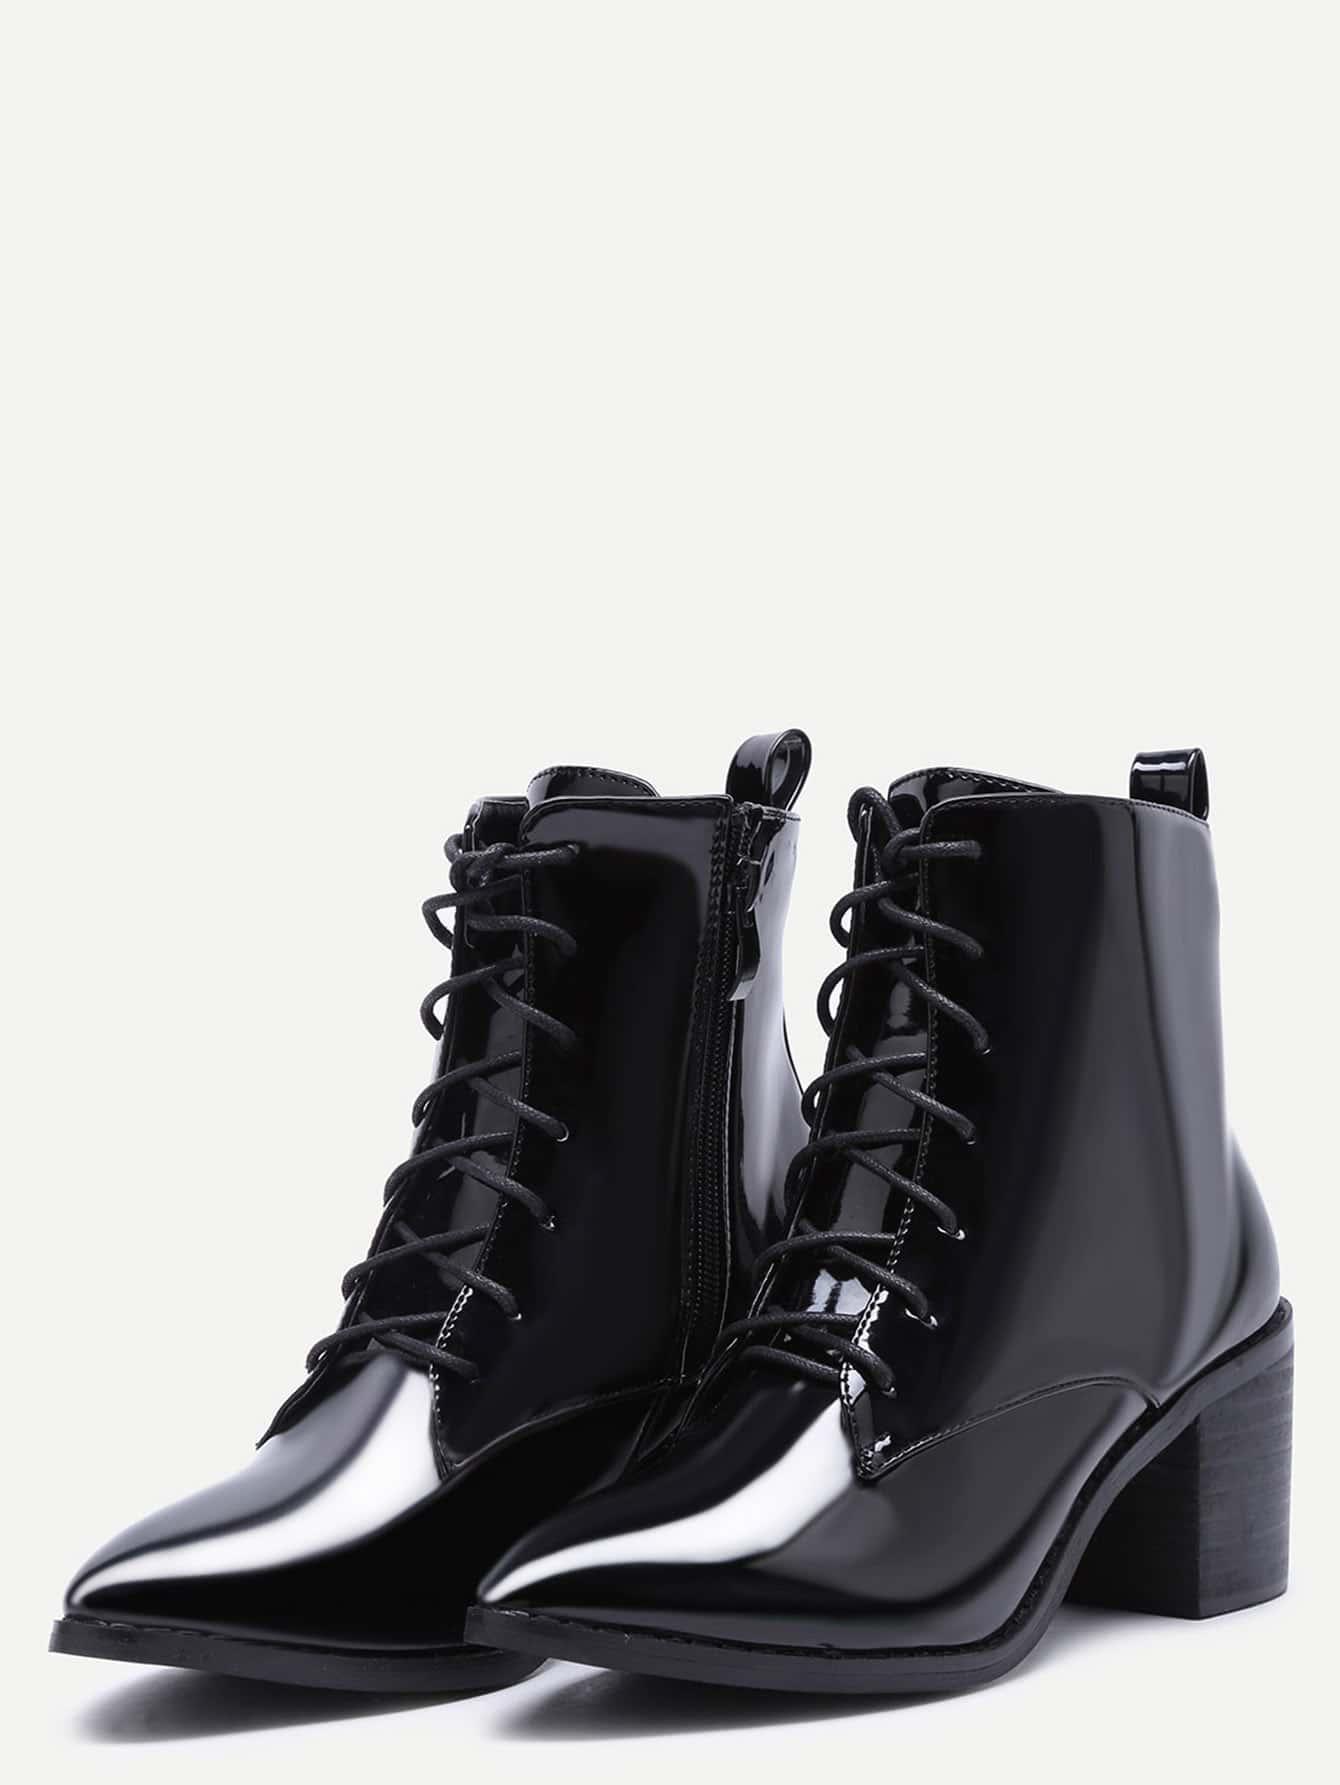 shoes161021810_2